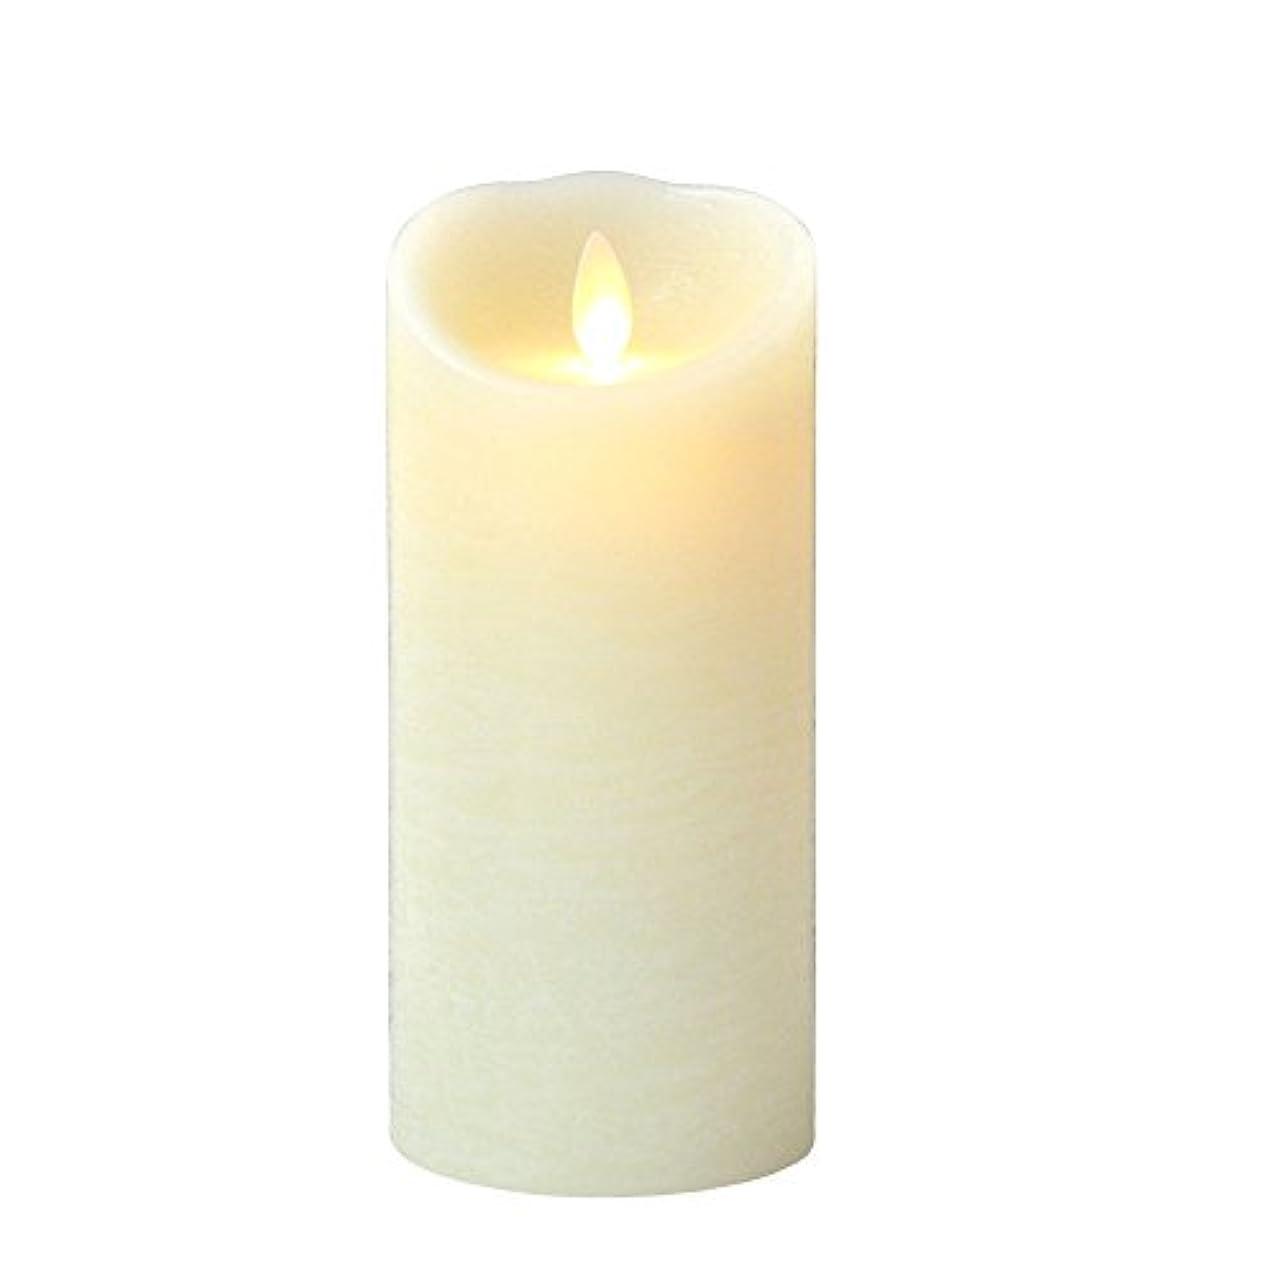 最初は簡潔な取るに足らない癒しの香りが素敵な間接照明! LUMINARA ルミナラ ピラー3×6 ラスティク B0320-00-20 IV?オーシャンブリーズ